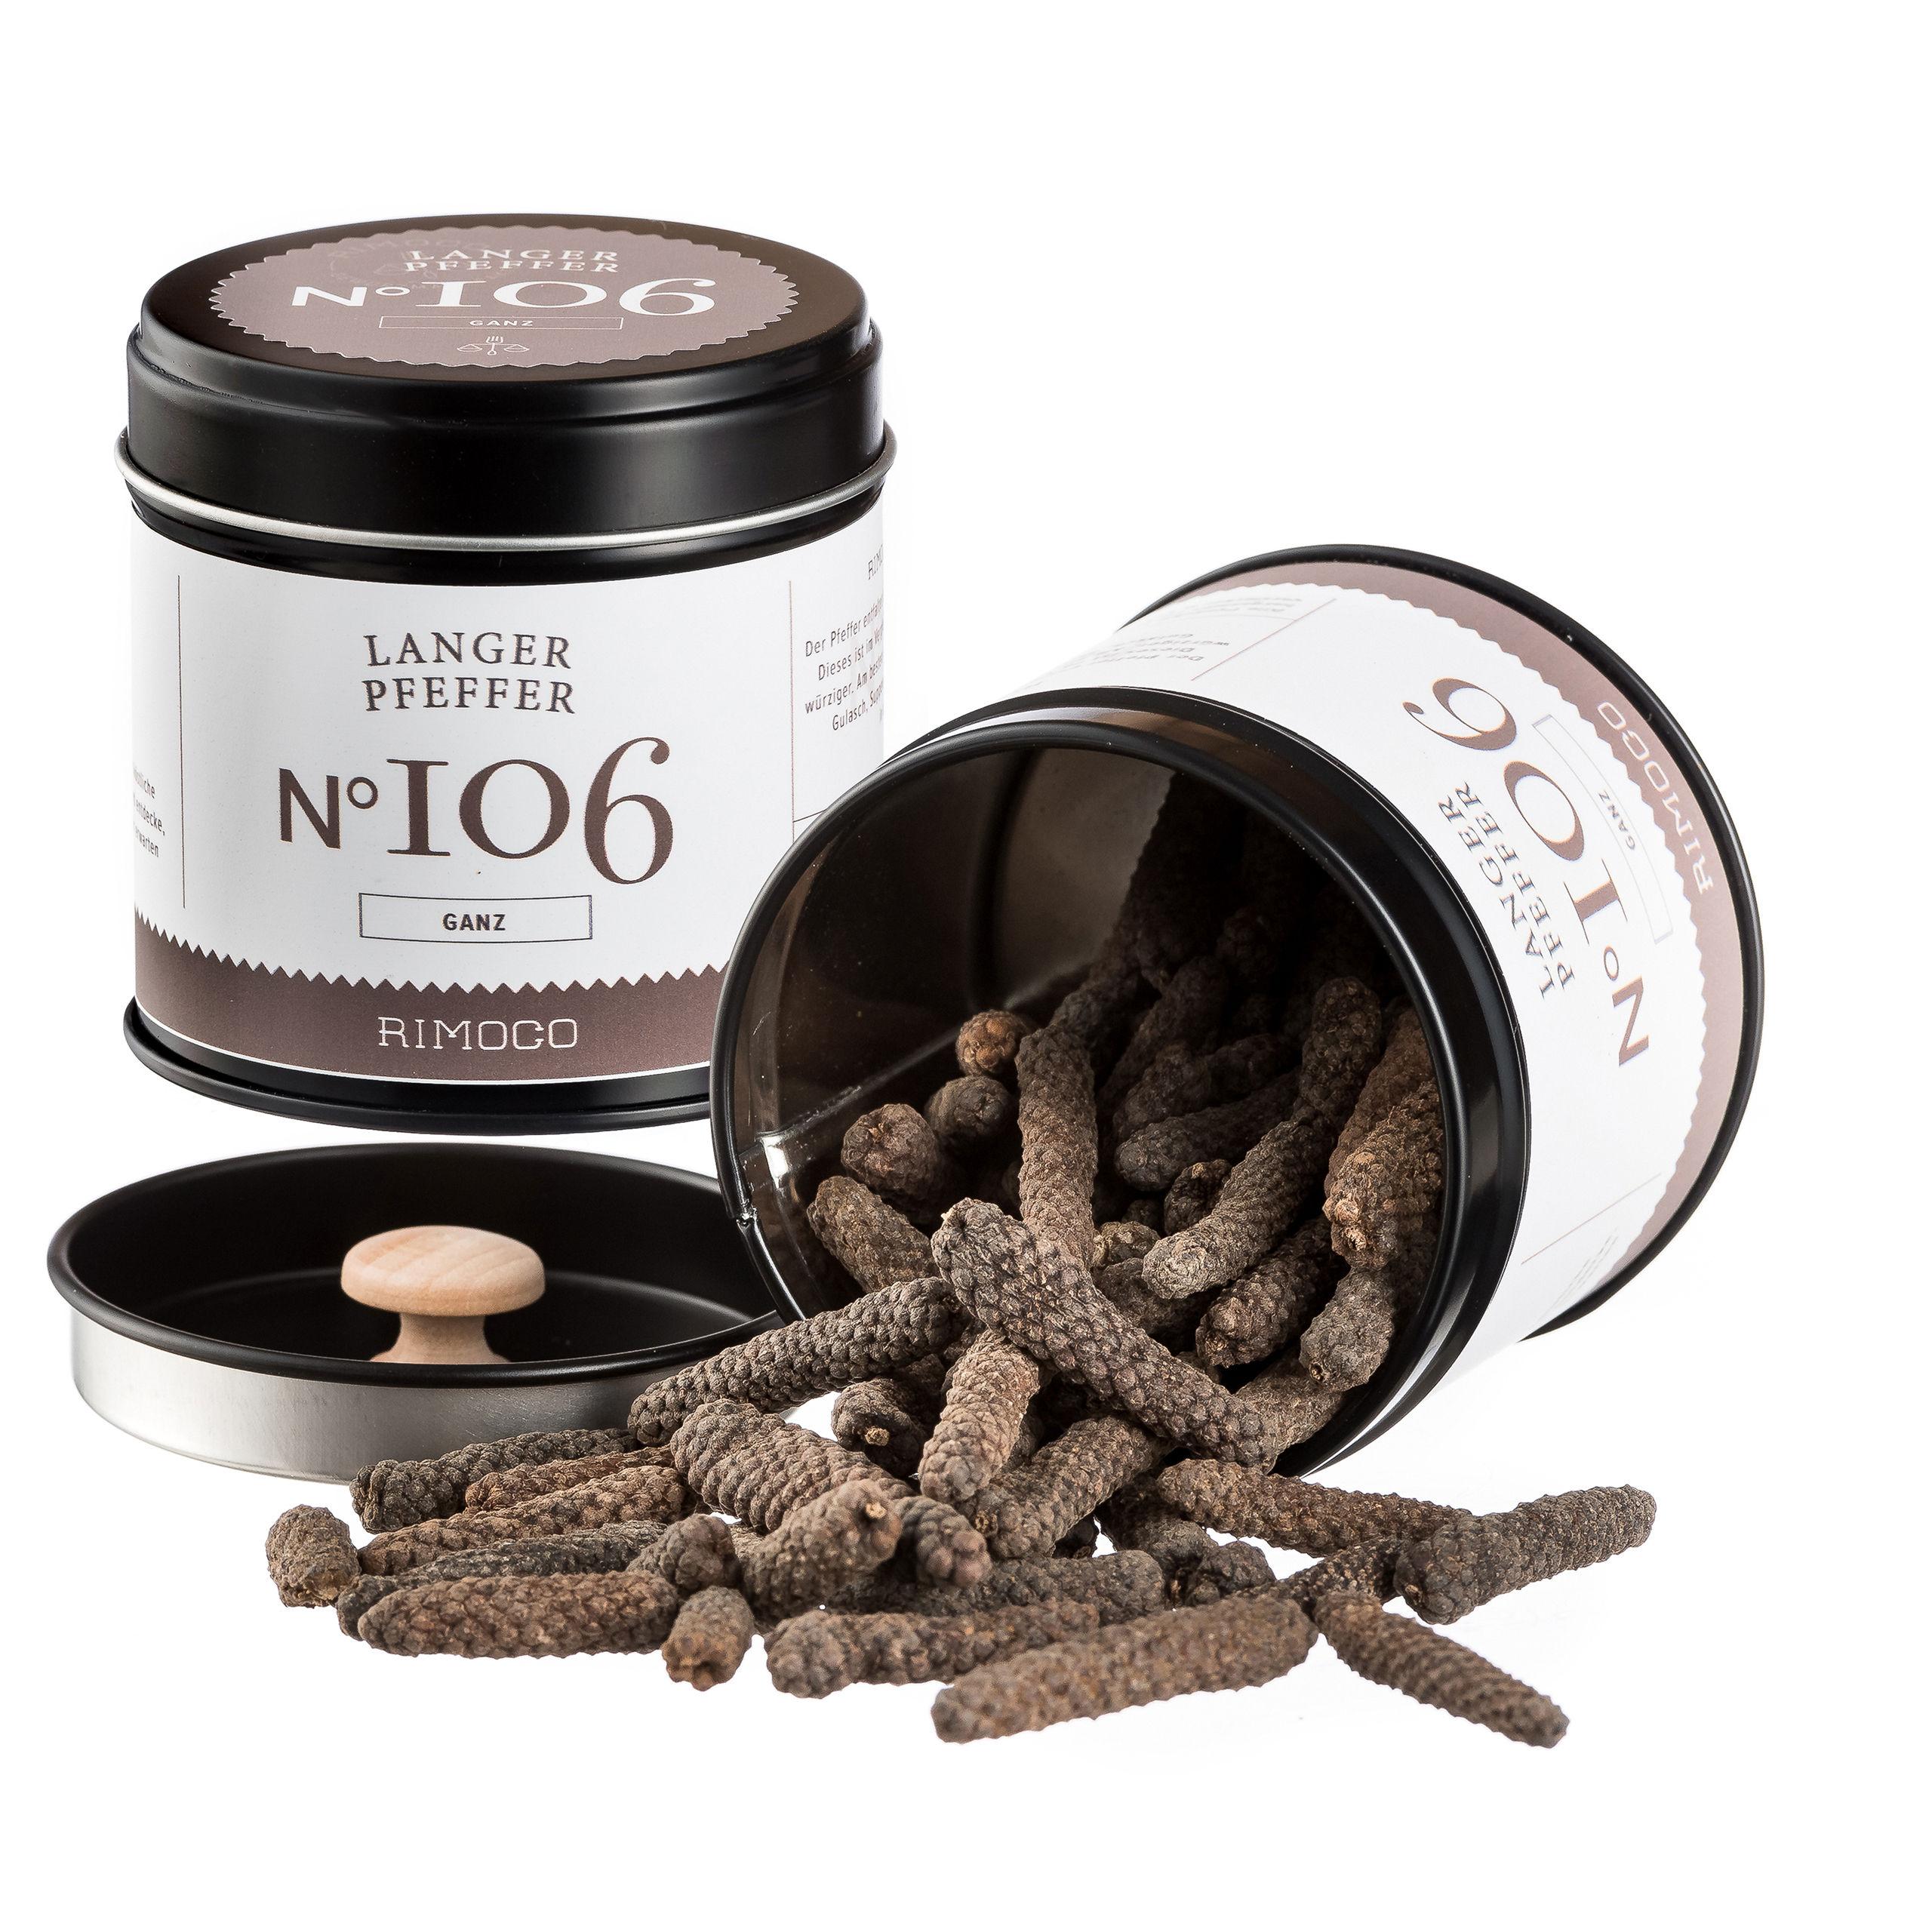 Rimoco - Bio Langer Pfeffer - N°106